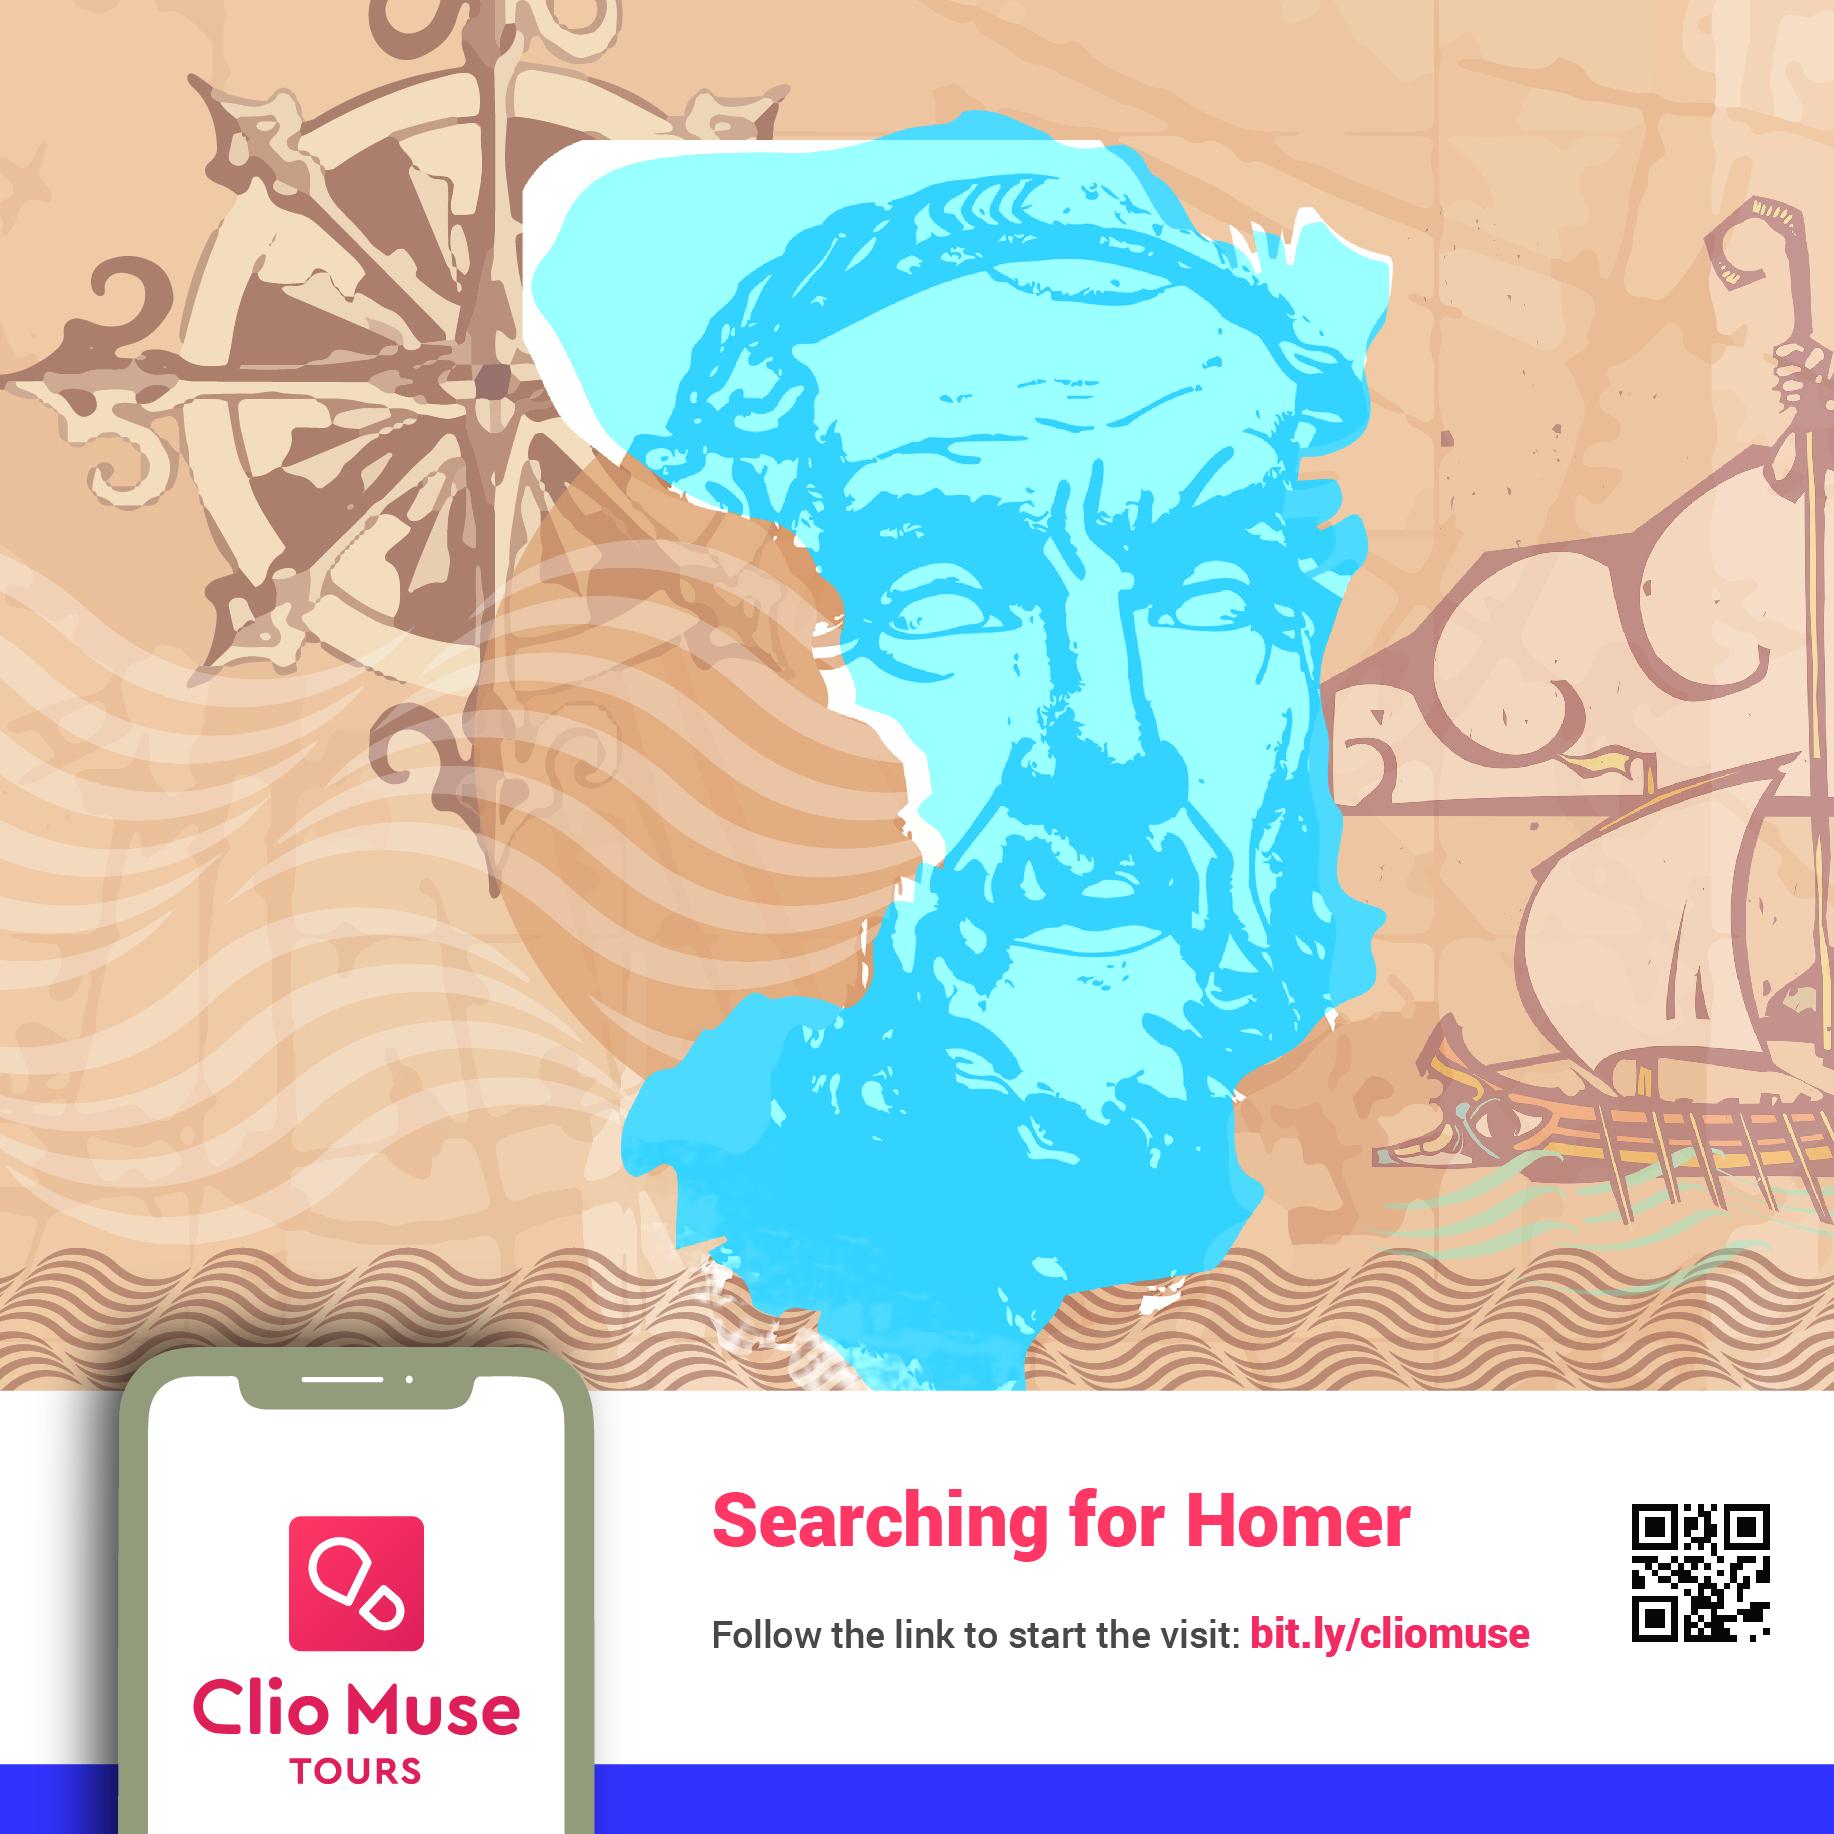 Στα Ίχνη του Ομήρου: Ξενάγηση στο Νησί της Χίου